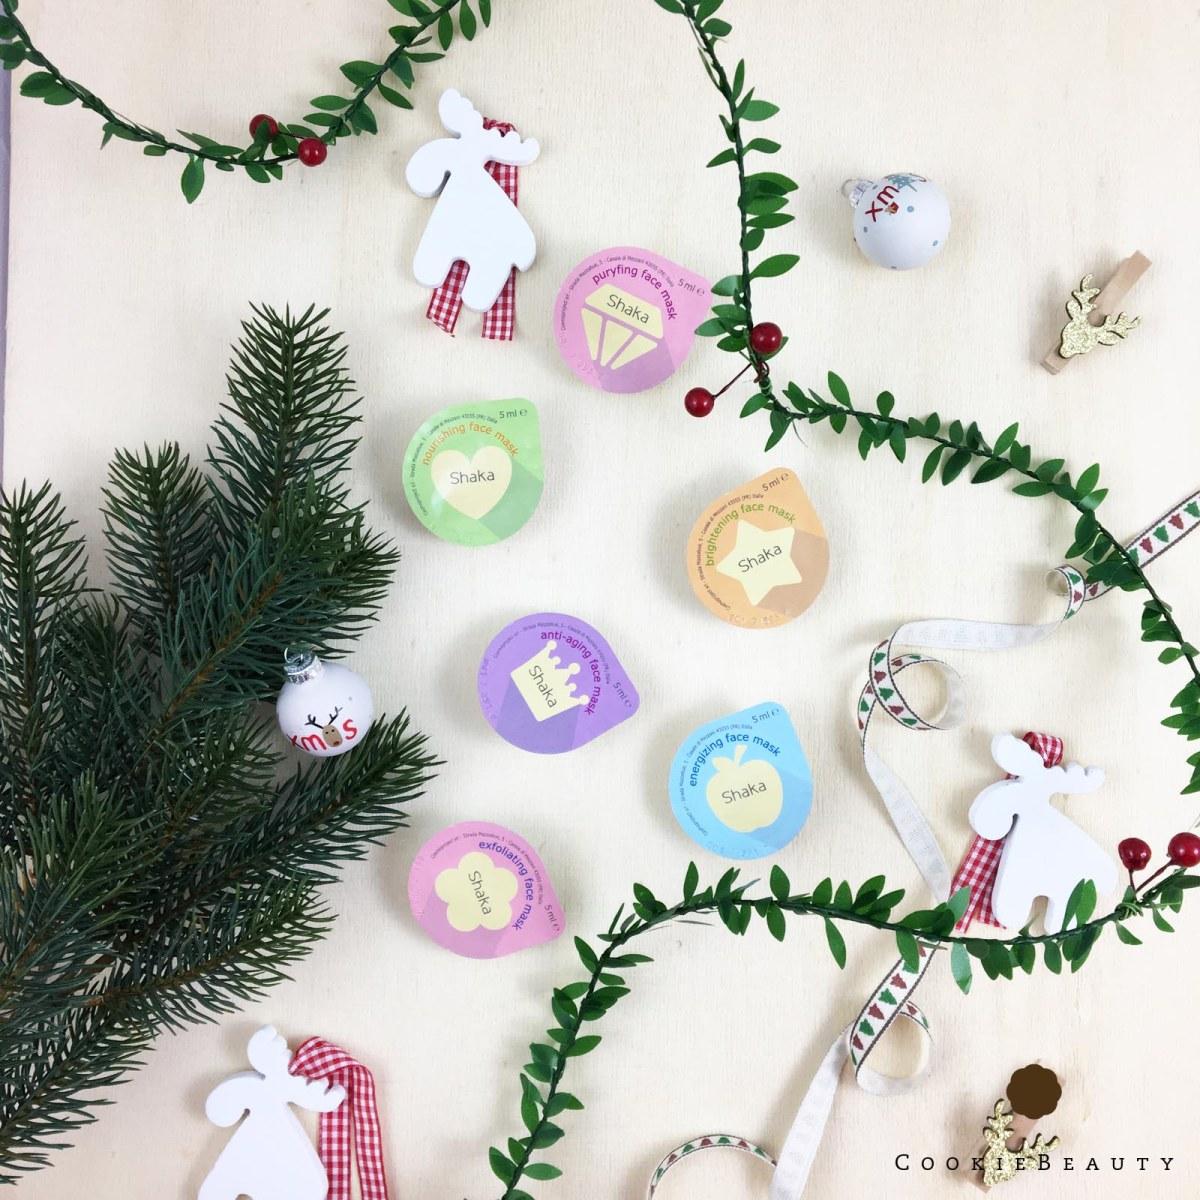 Regali di Natale beauty: le migliori idee per ogni fascia di prezzo! (anche per lui)